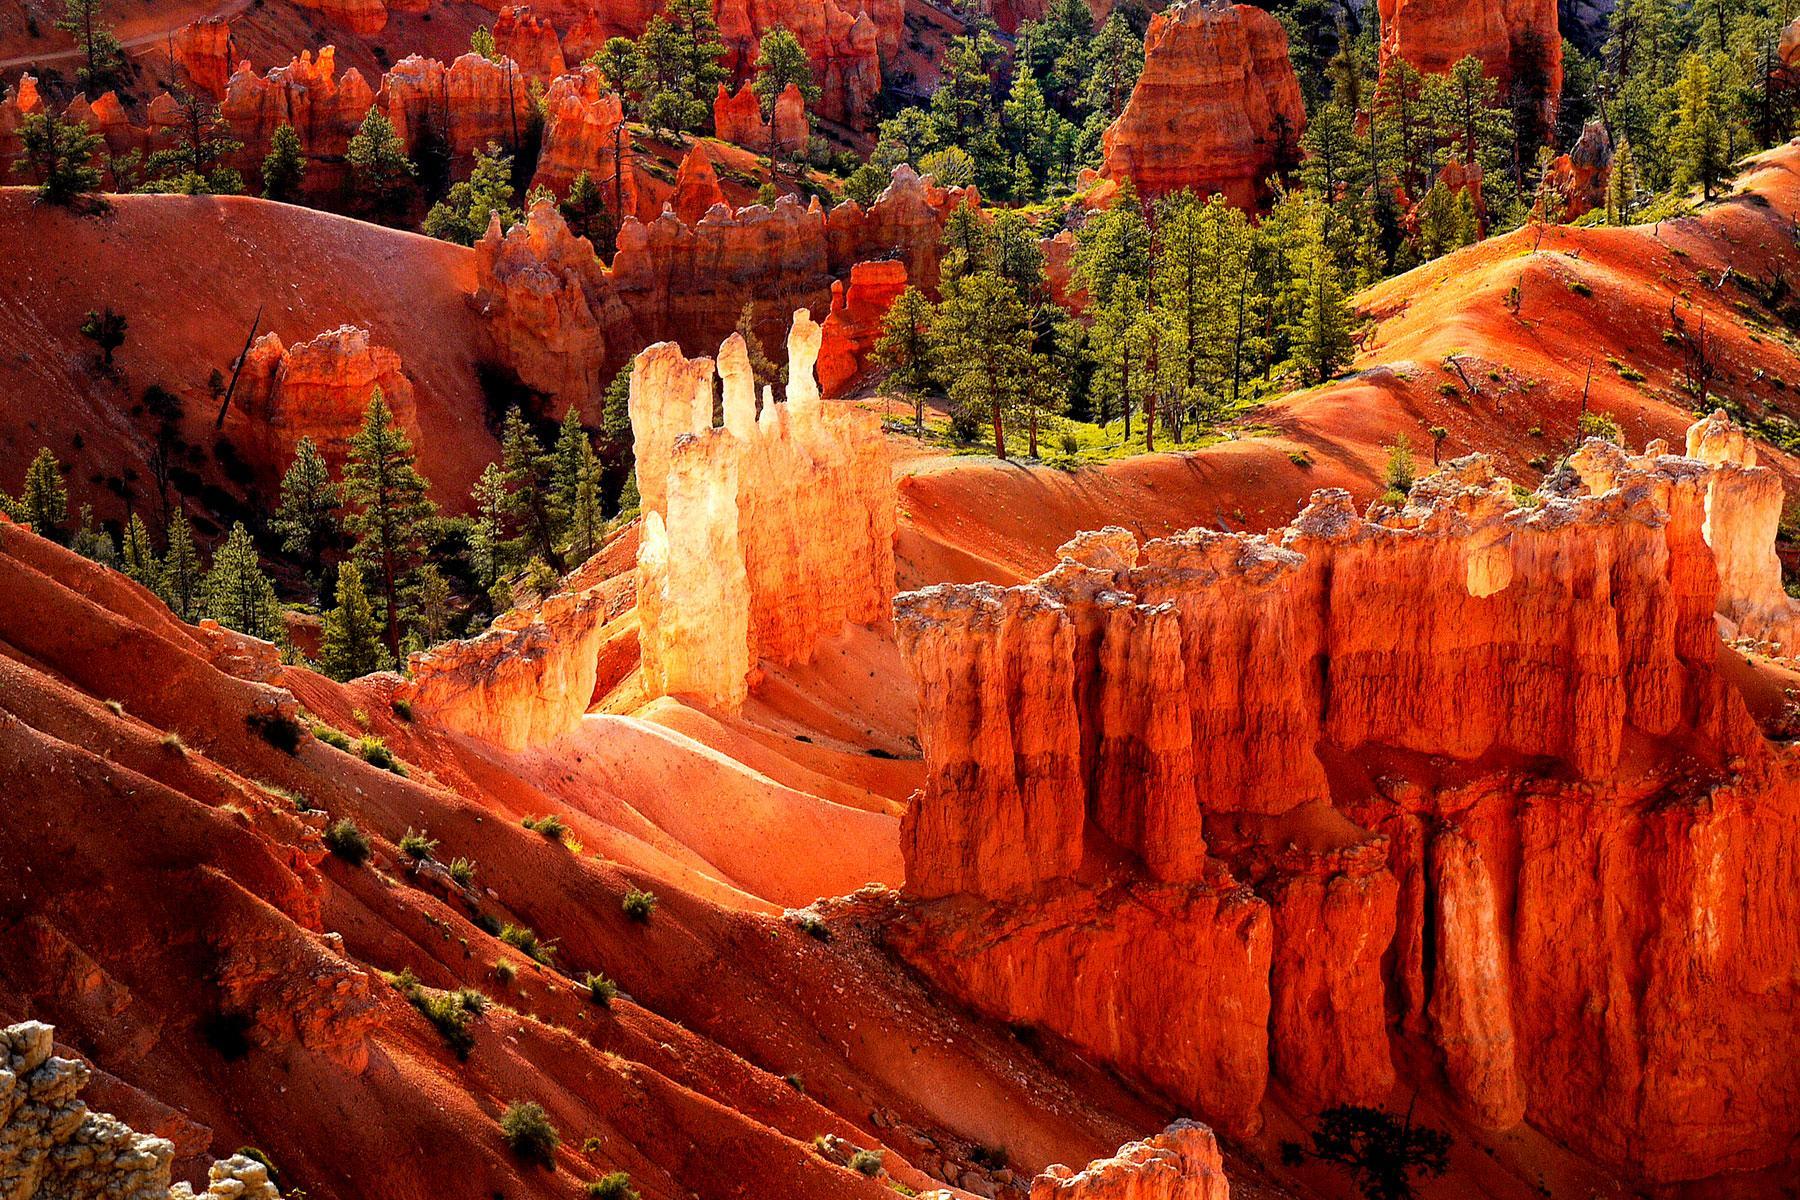 12 Unusual Rock Formations That Look Like an Alien Landscape